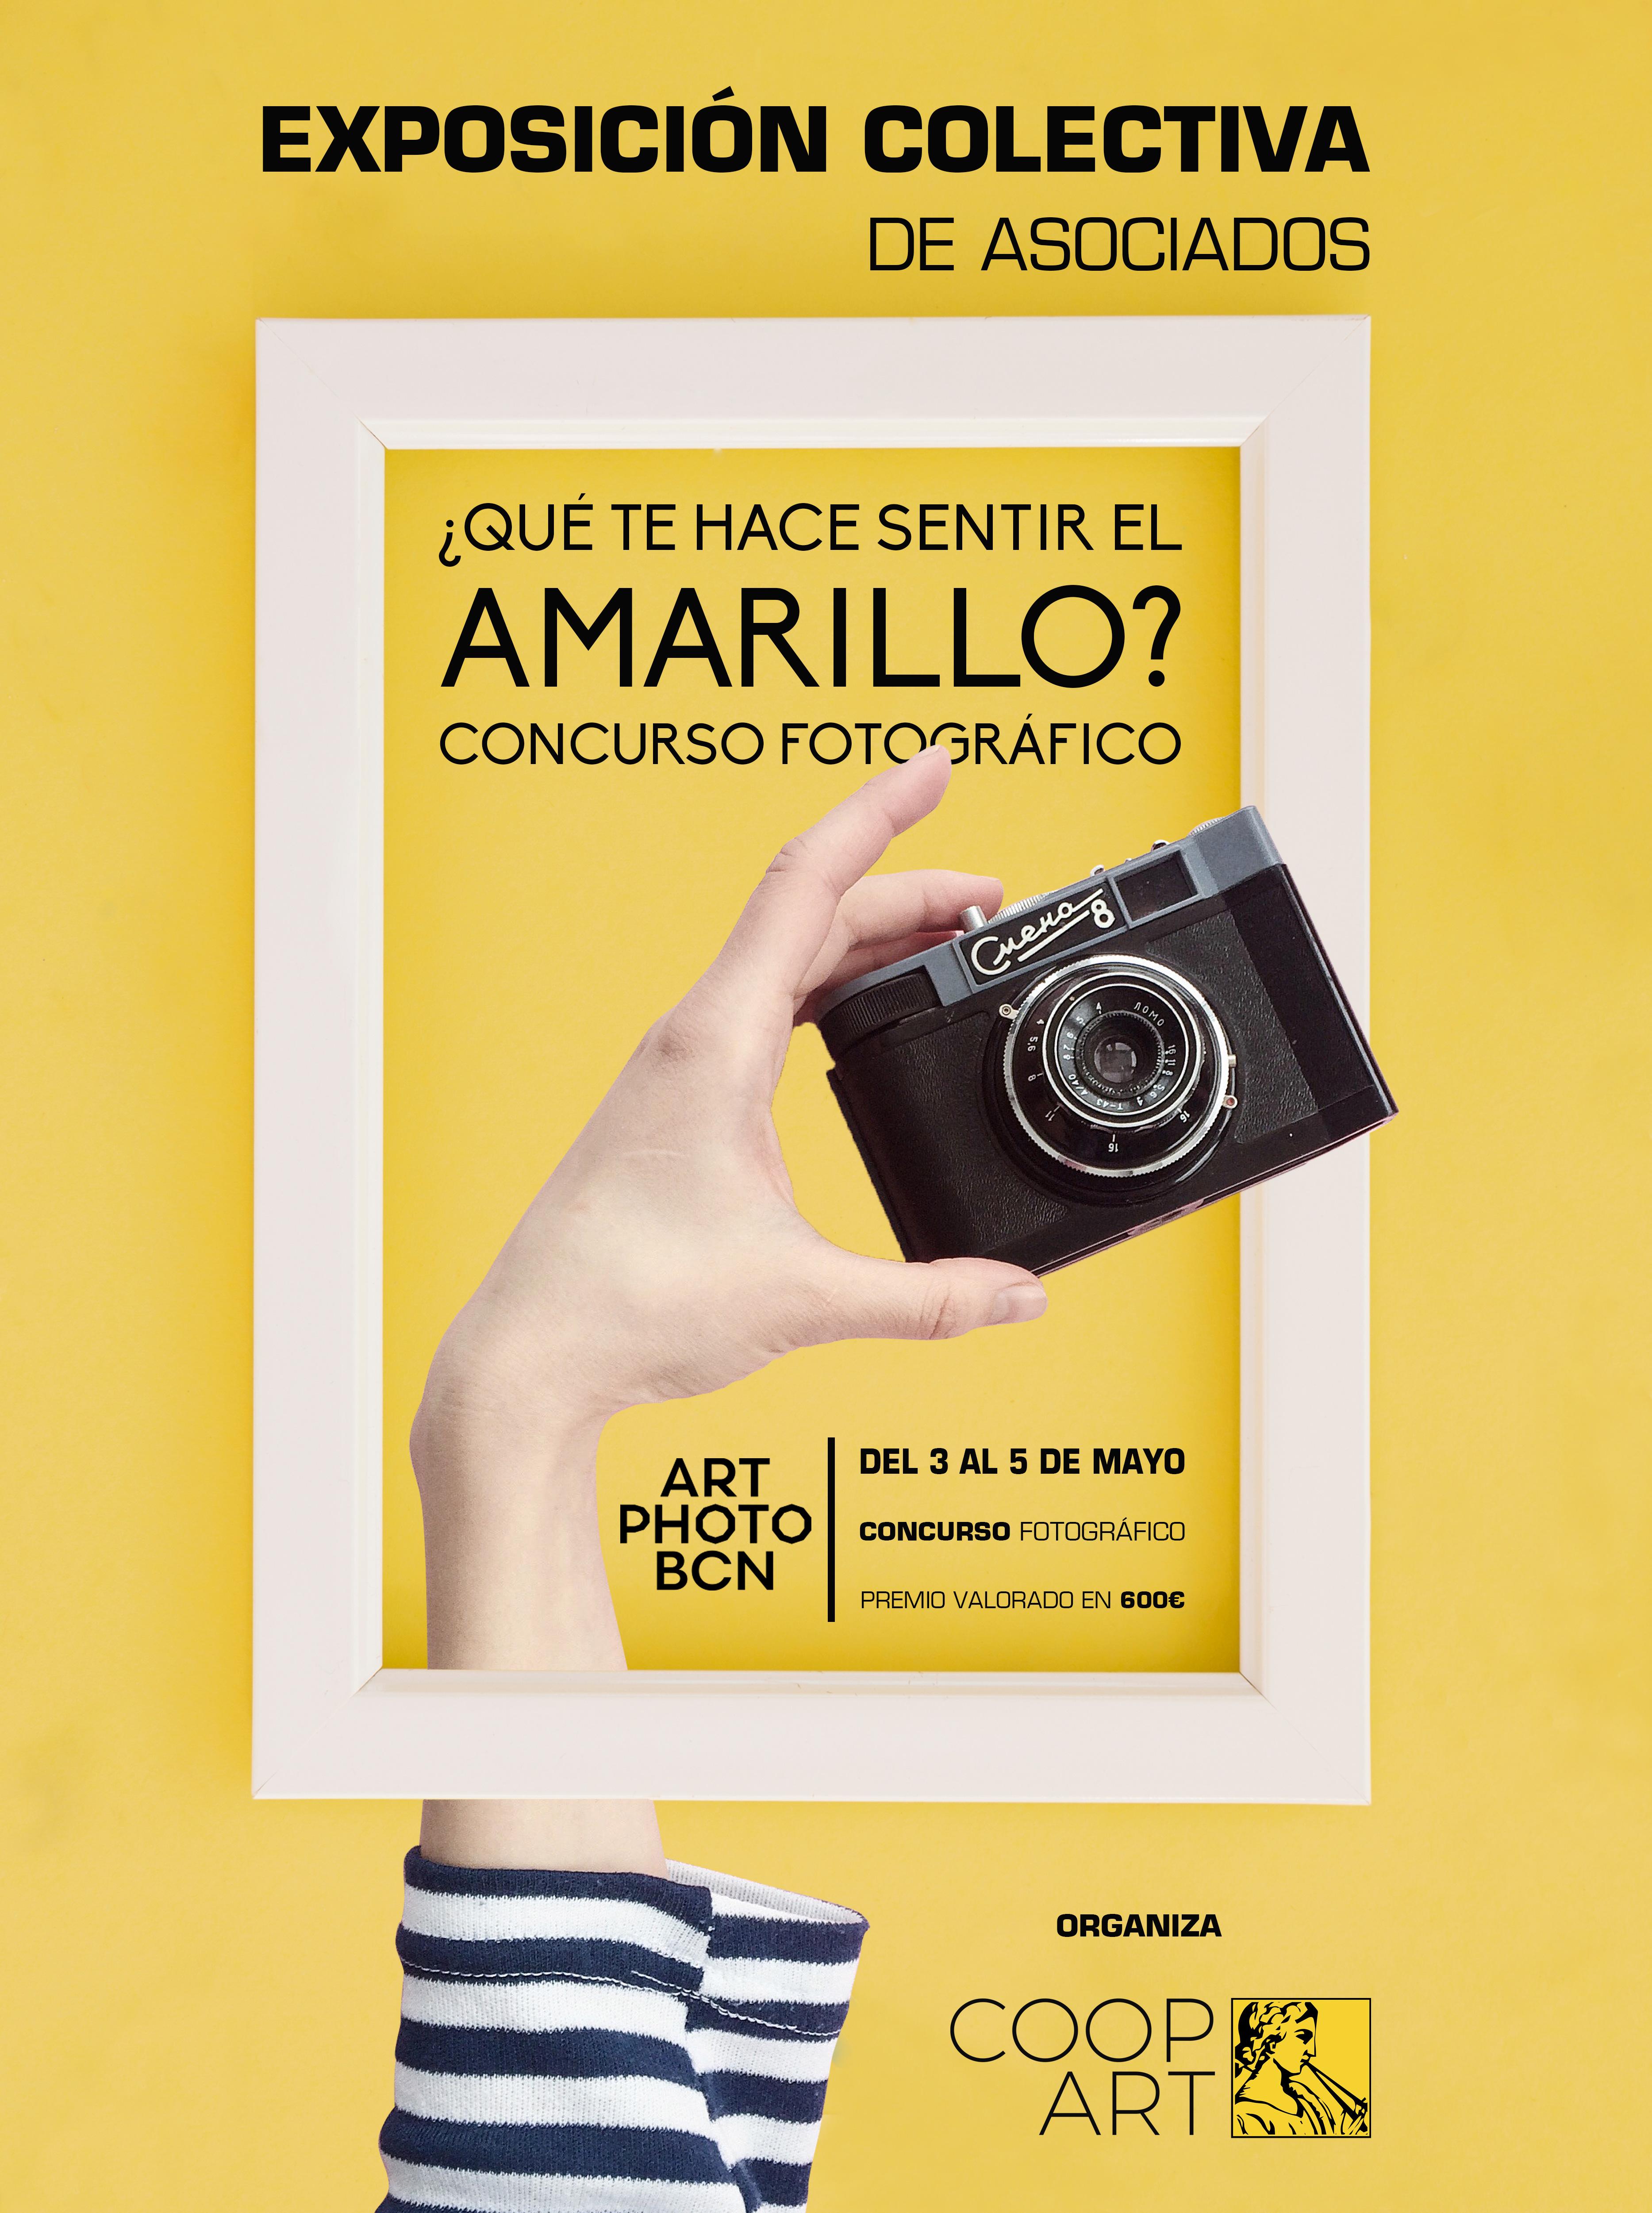 Primera edición del concurso y exposición fotográfica de Coopart